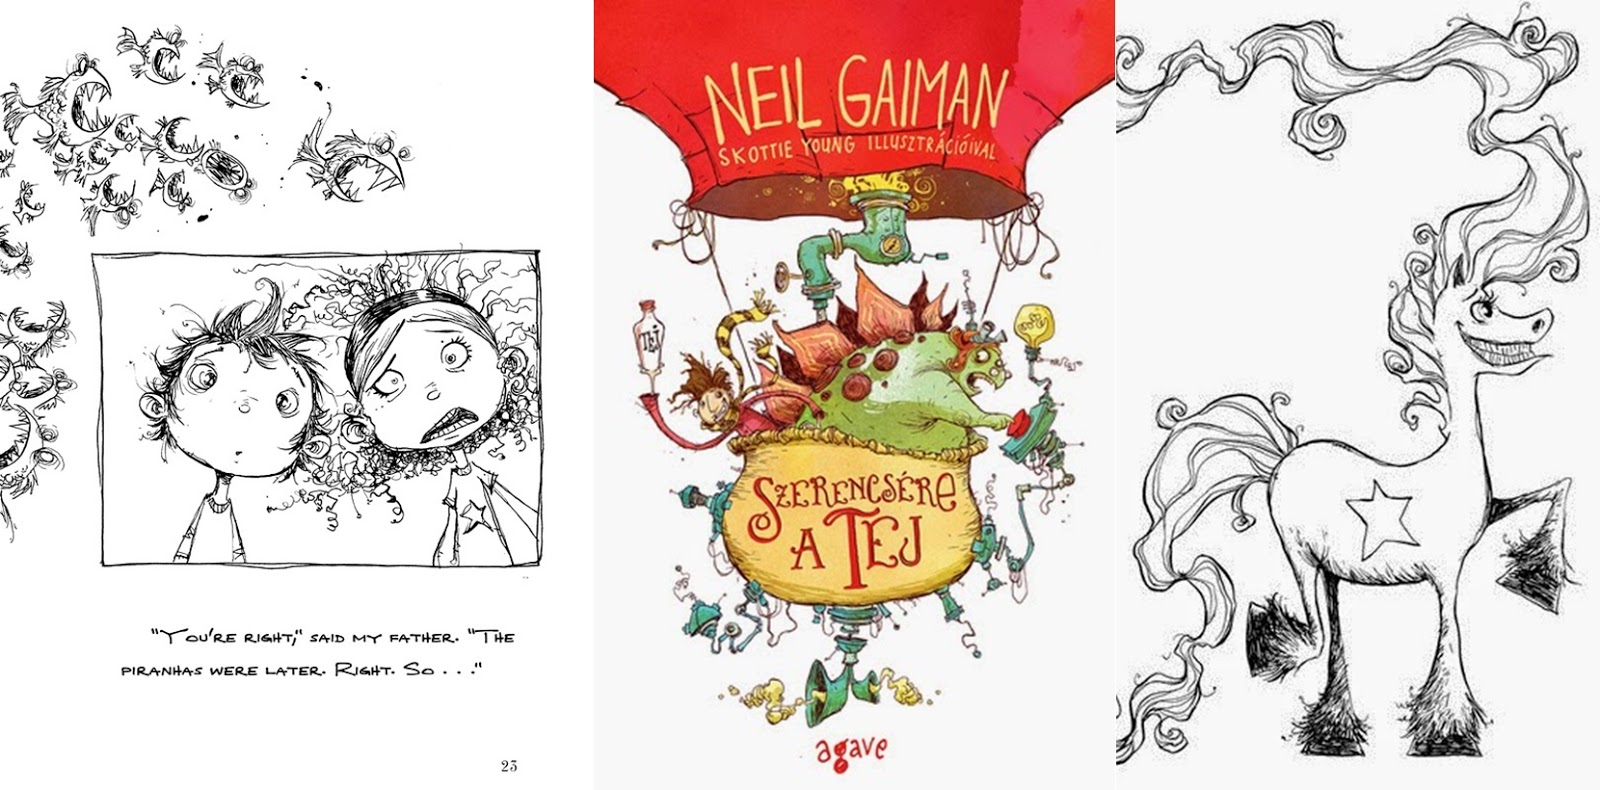 63b0e999f2 Sokszor emlegettem már Neil Gaimant itt a blogon is és a furcsán furcsa  kapcsolatom a műveivel, de valószínűleg éppen ezért a kivételes viszony  miatt jön ...